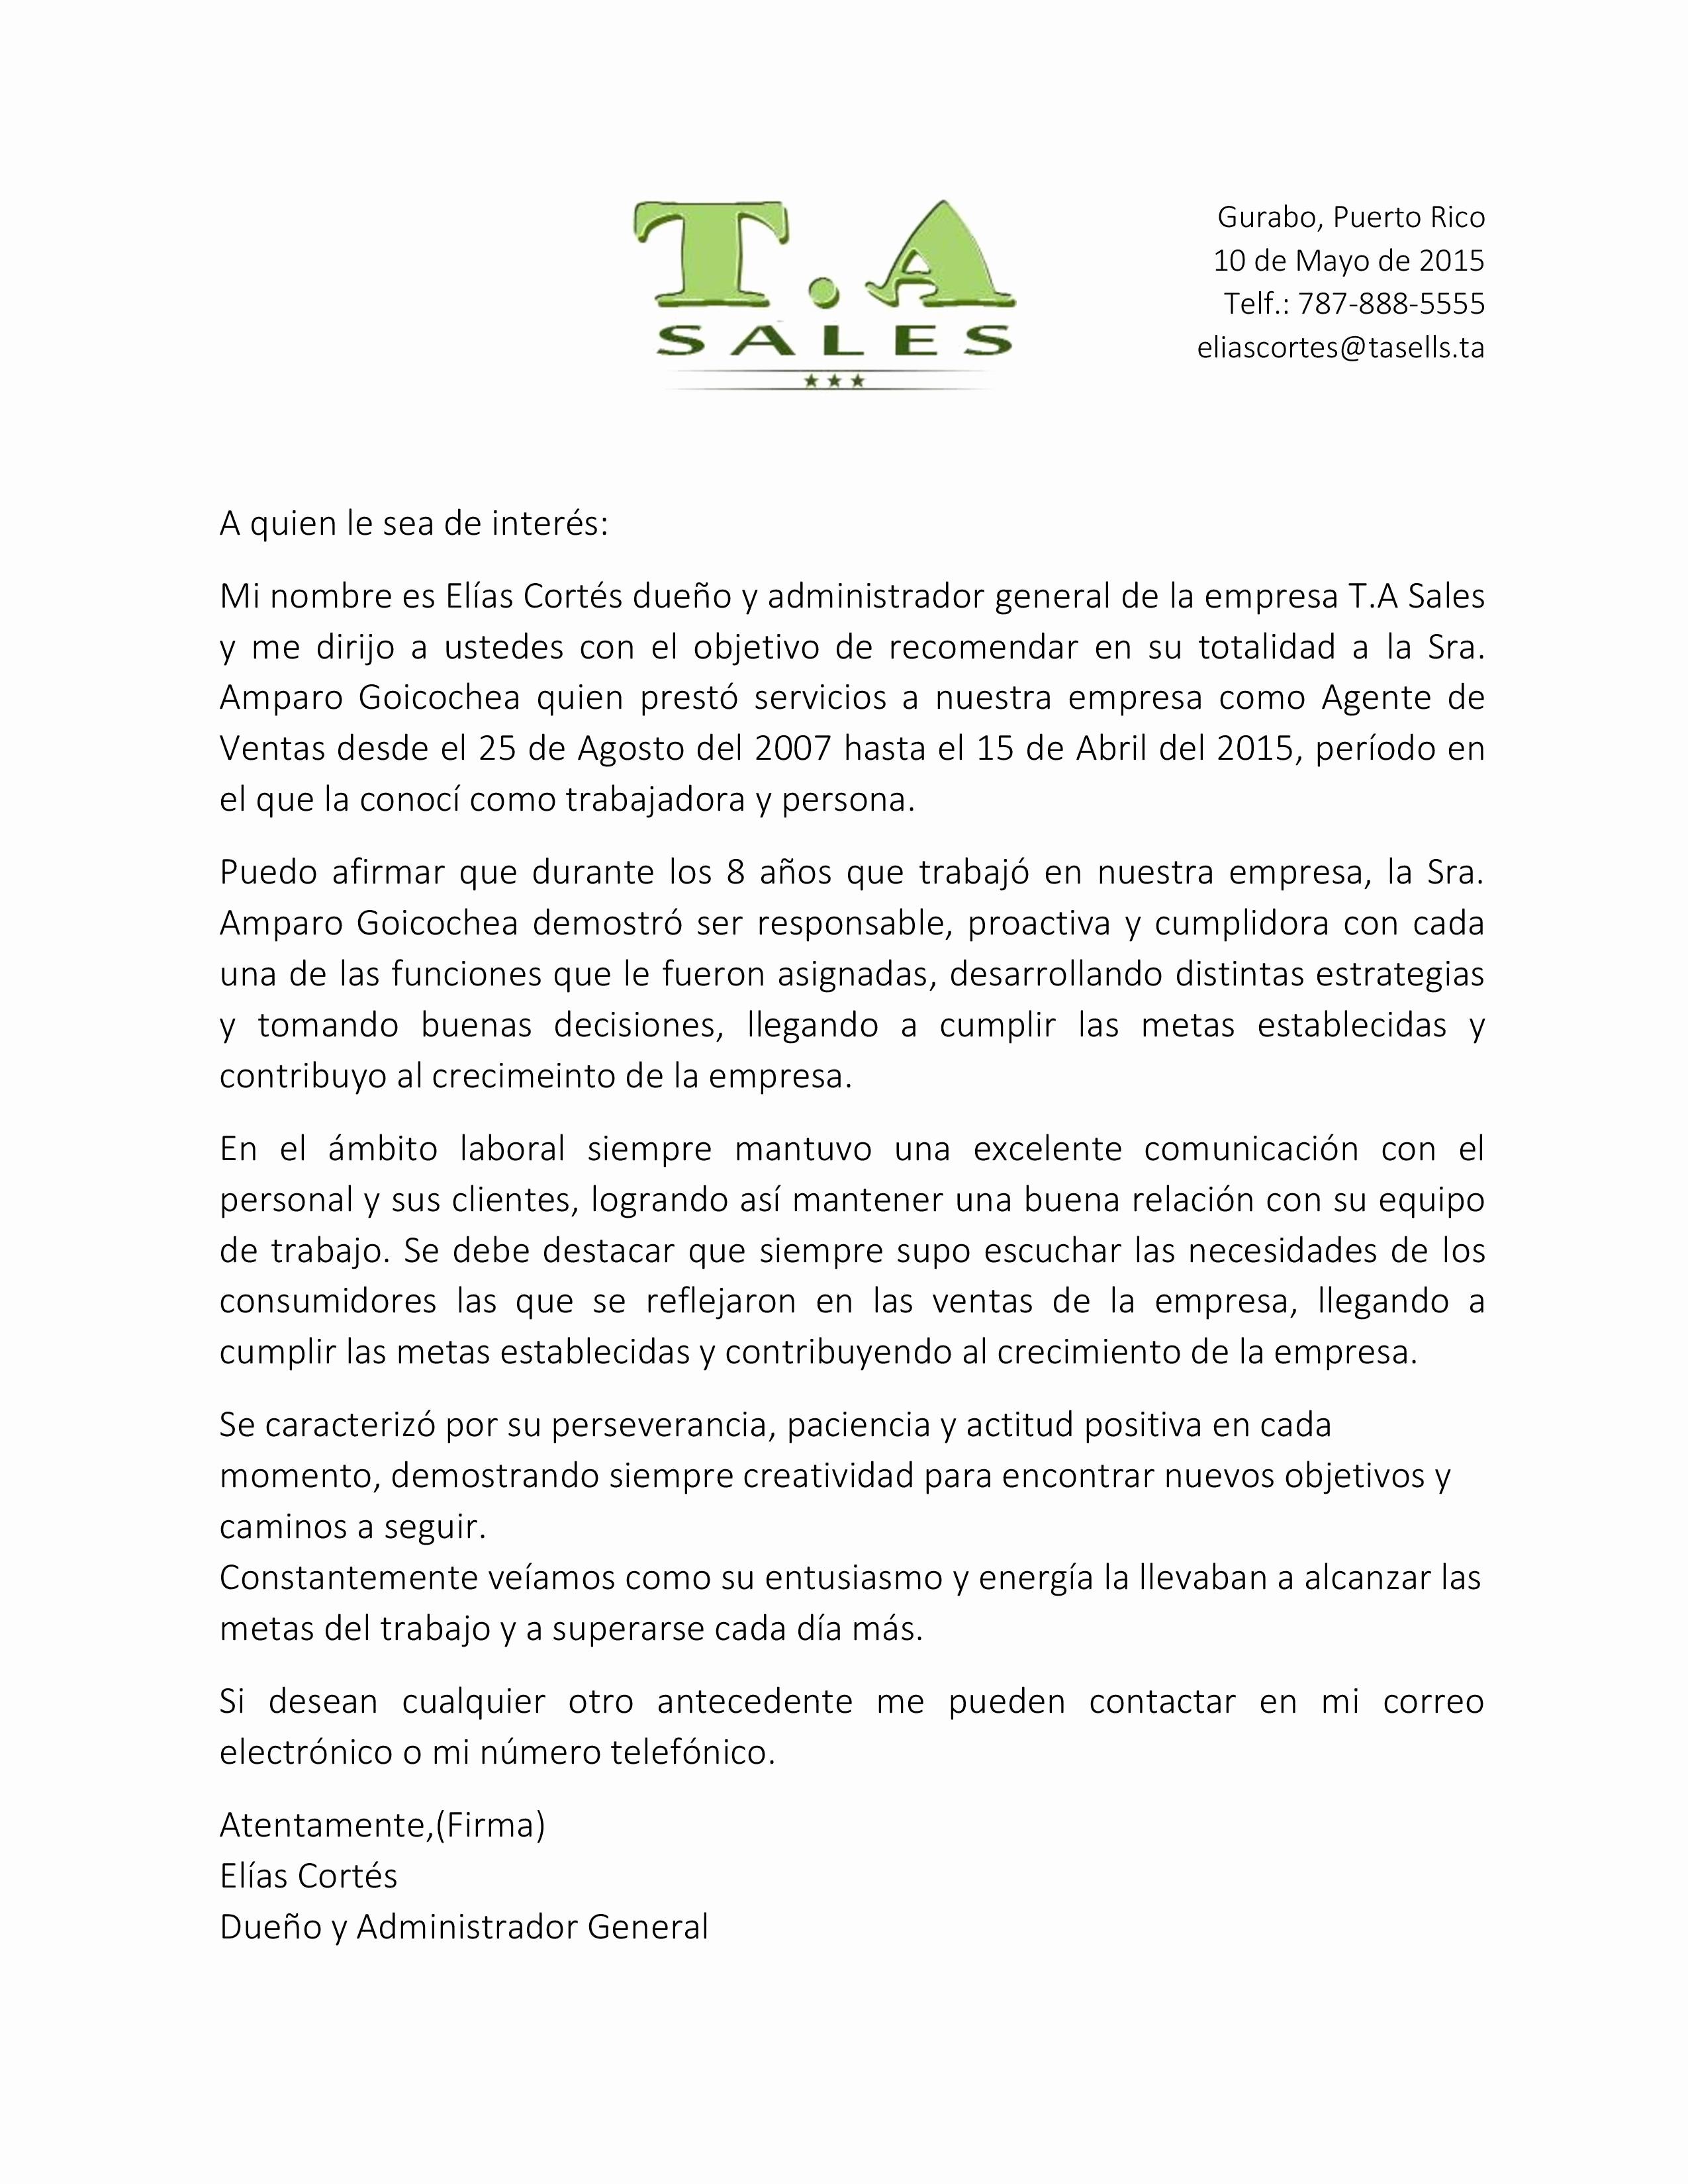 Carta De Recomendacion Para Universidad Elegant Carta De Re Endación Para Agente De Ventas O Ercial